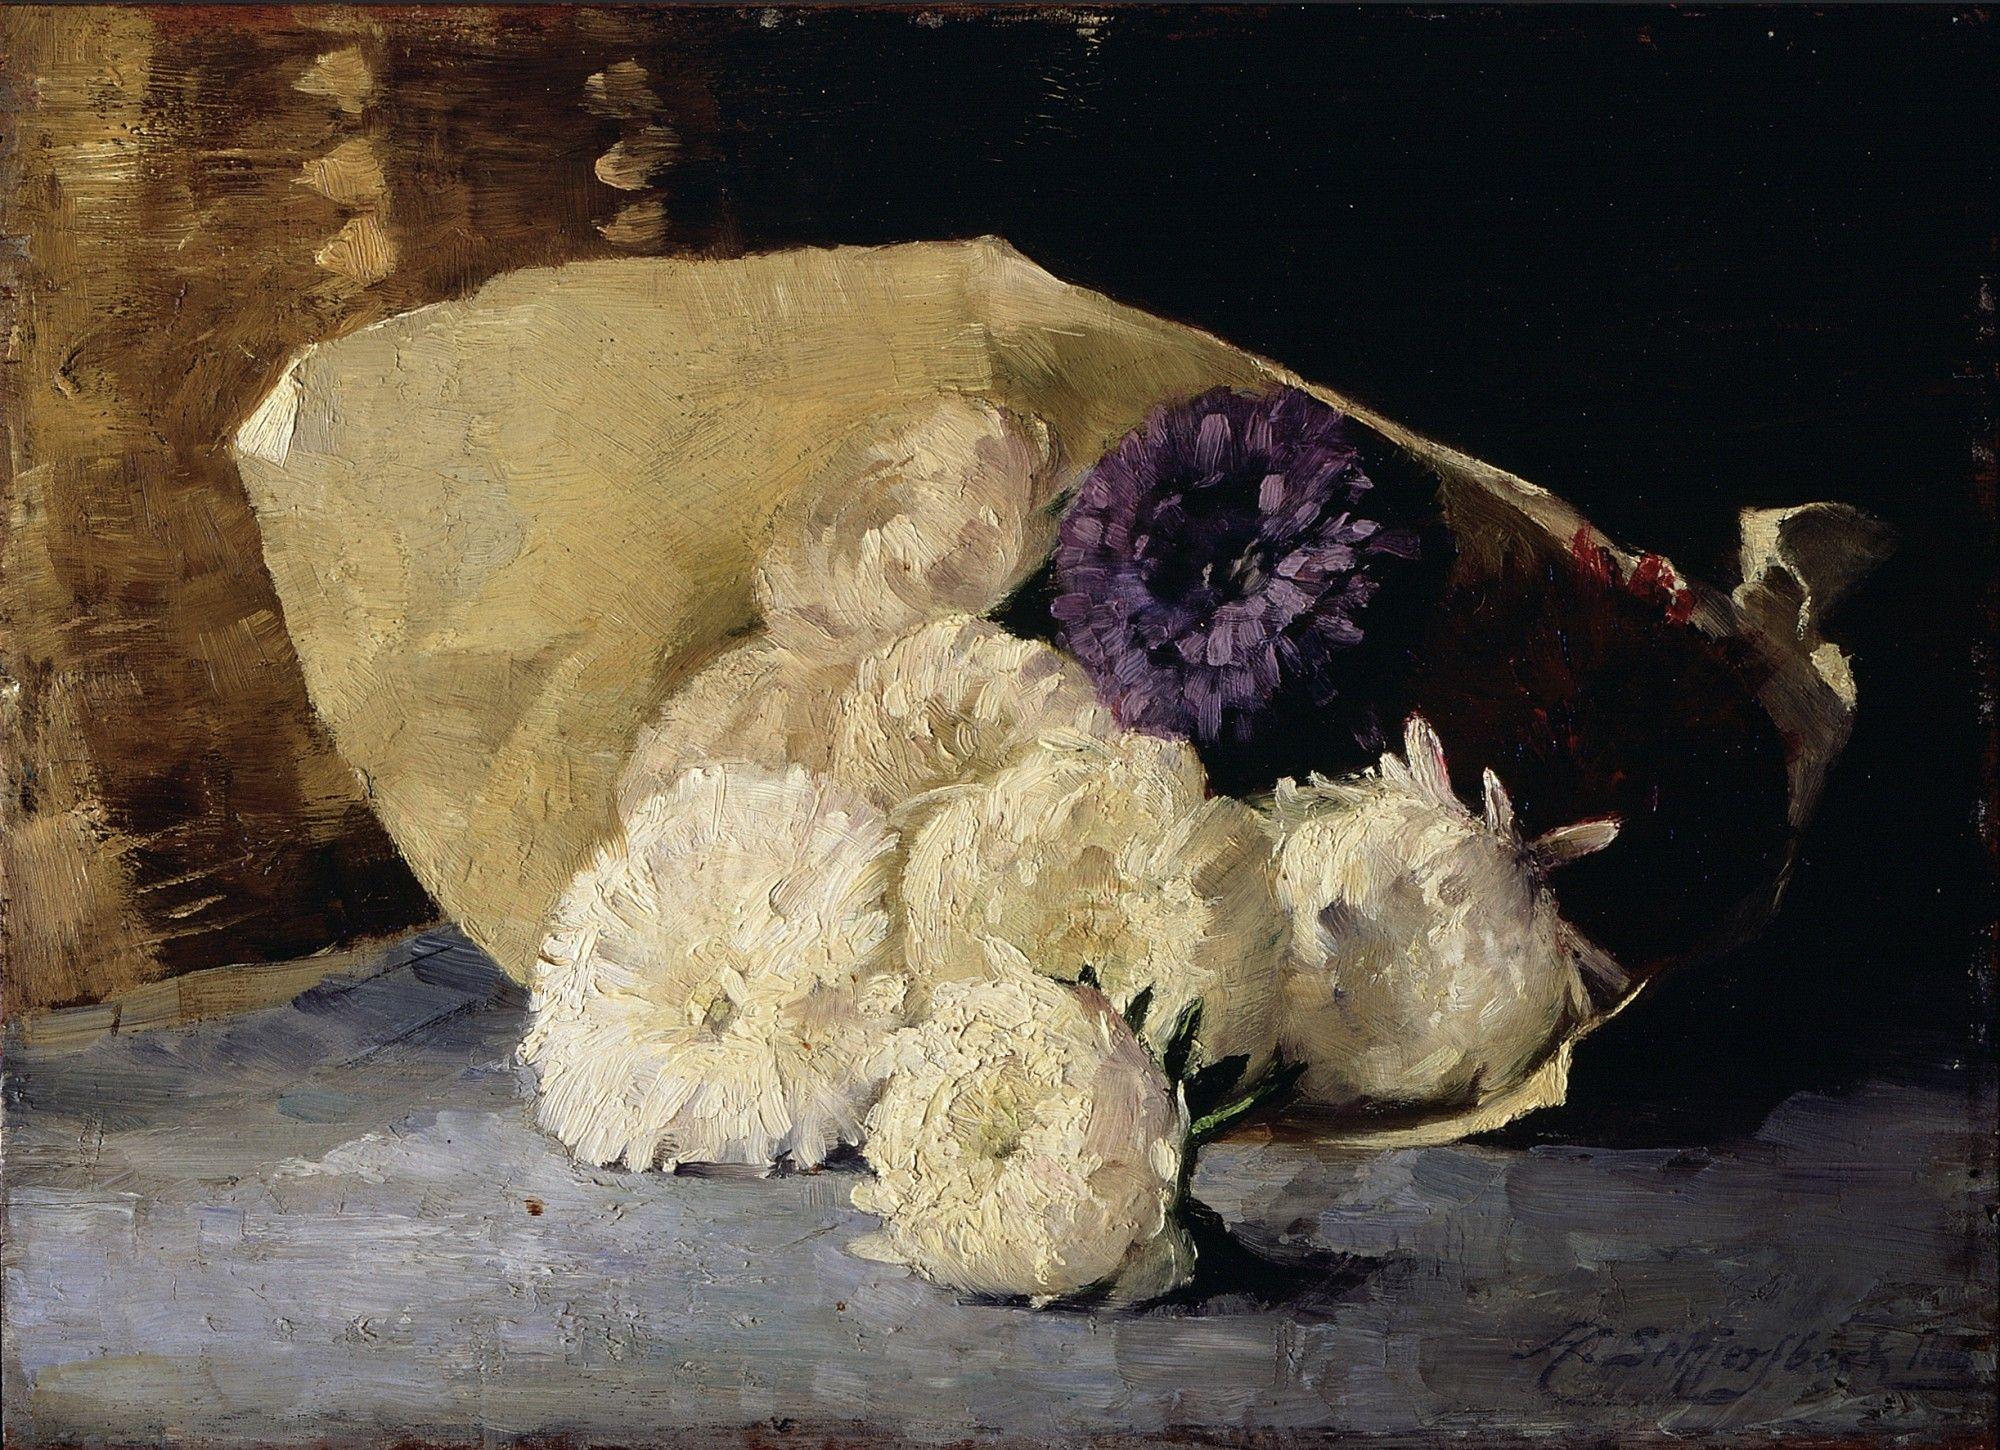 Helene Schjerfbeck. 1862 - 1946. Astereita, 1884